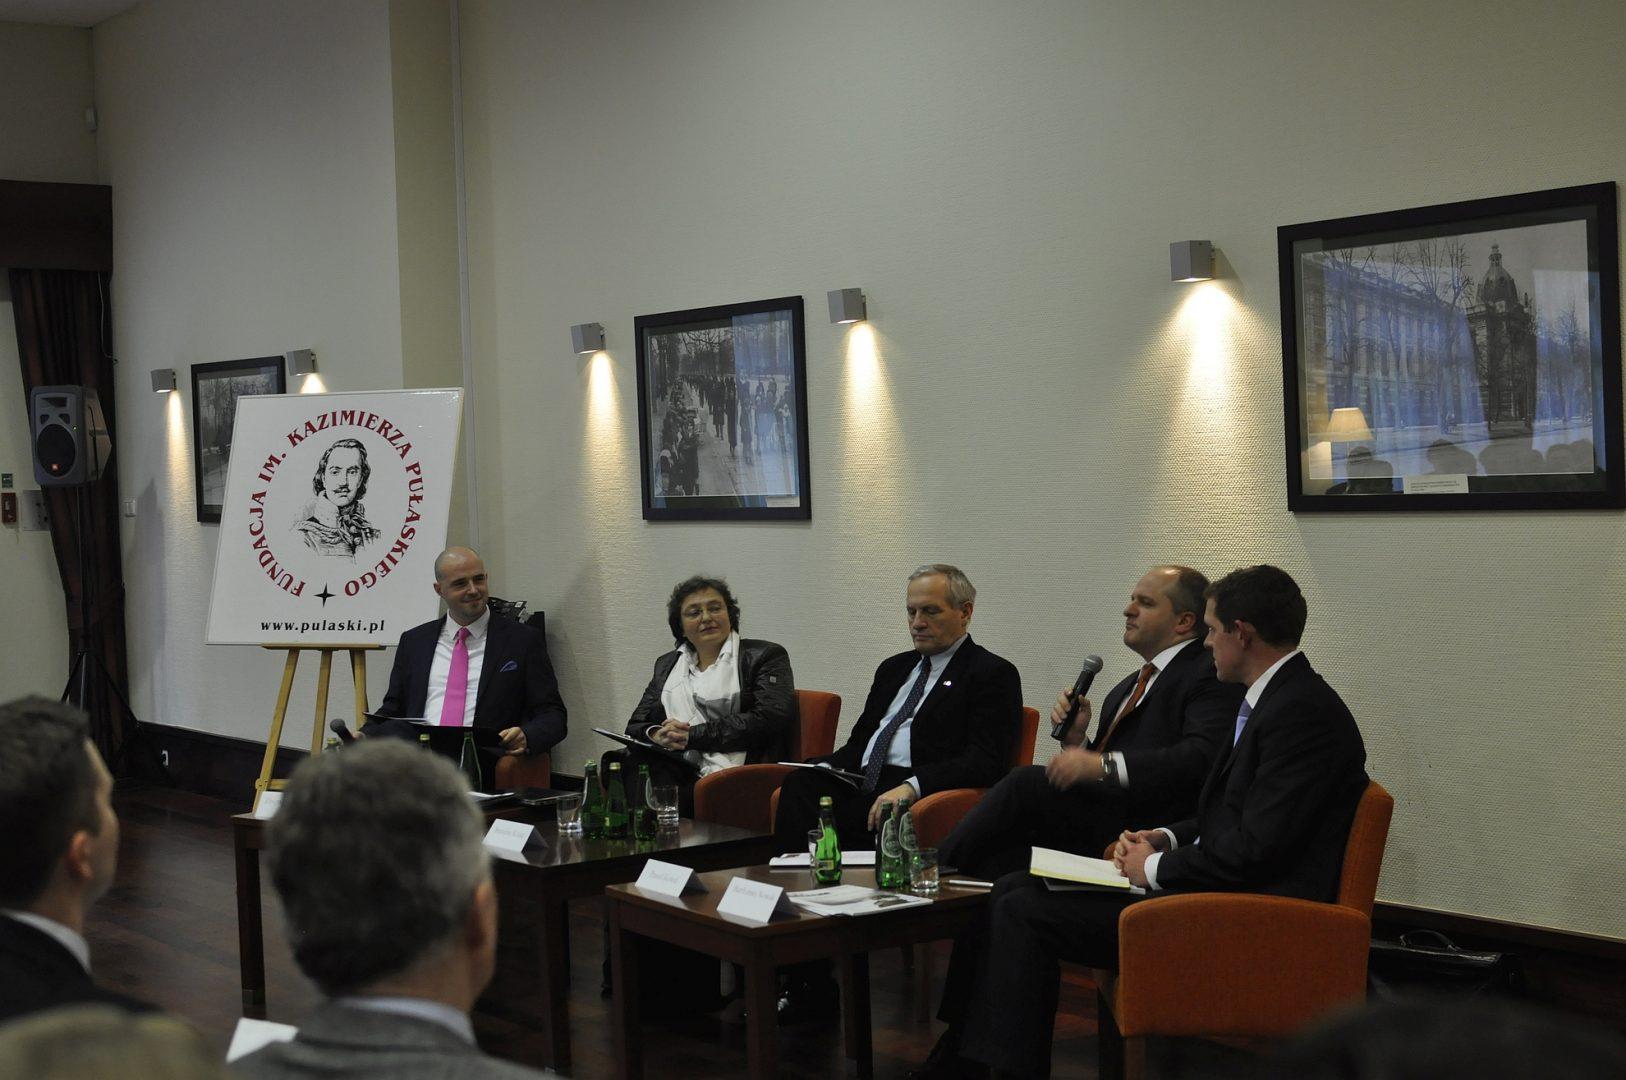 Debata FKP natemat priorytetów polskiej polityki zagranicznej